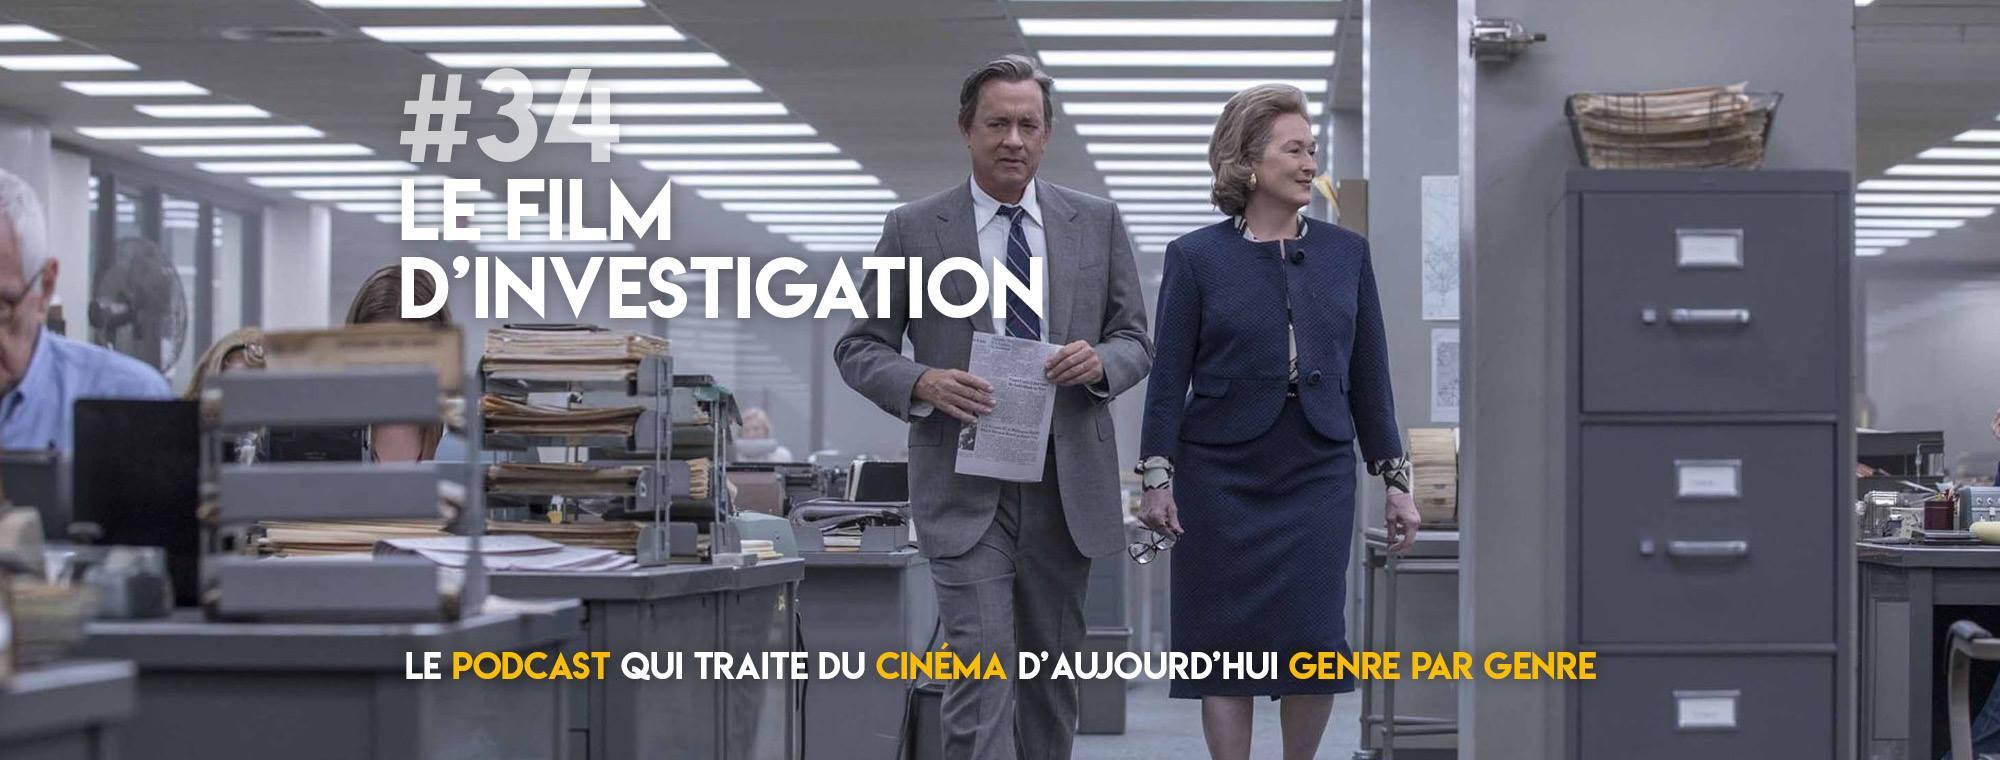 Parlons Péloches - #34 Le film d'investigation